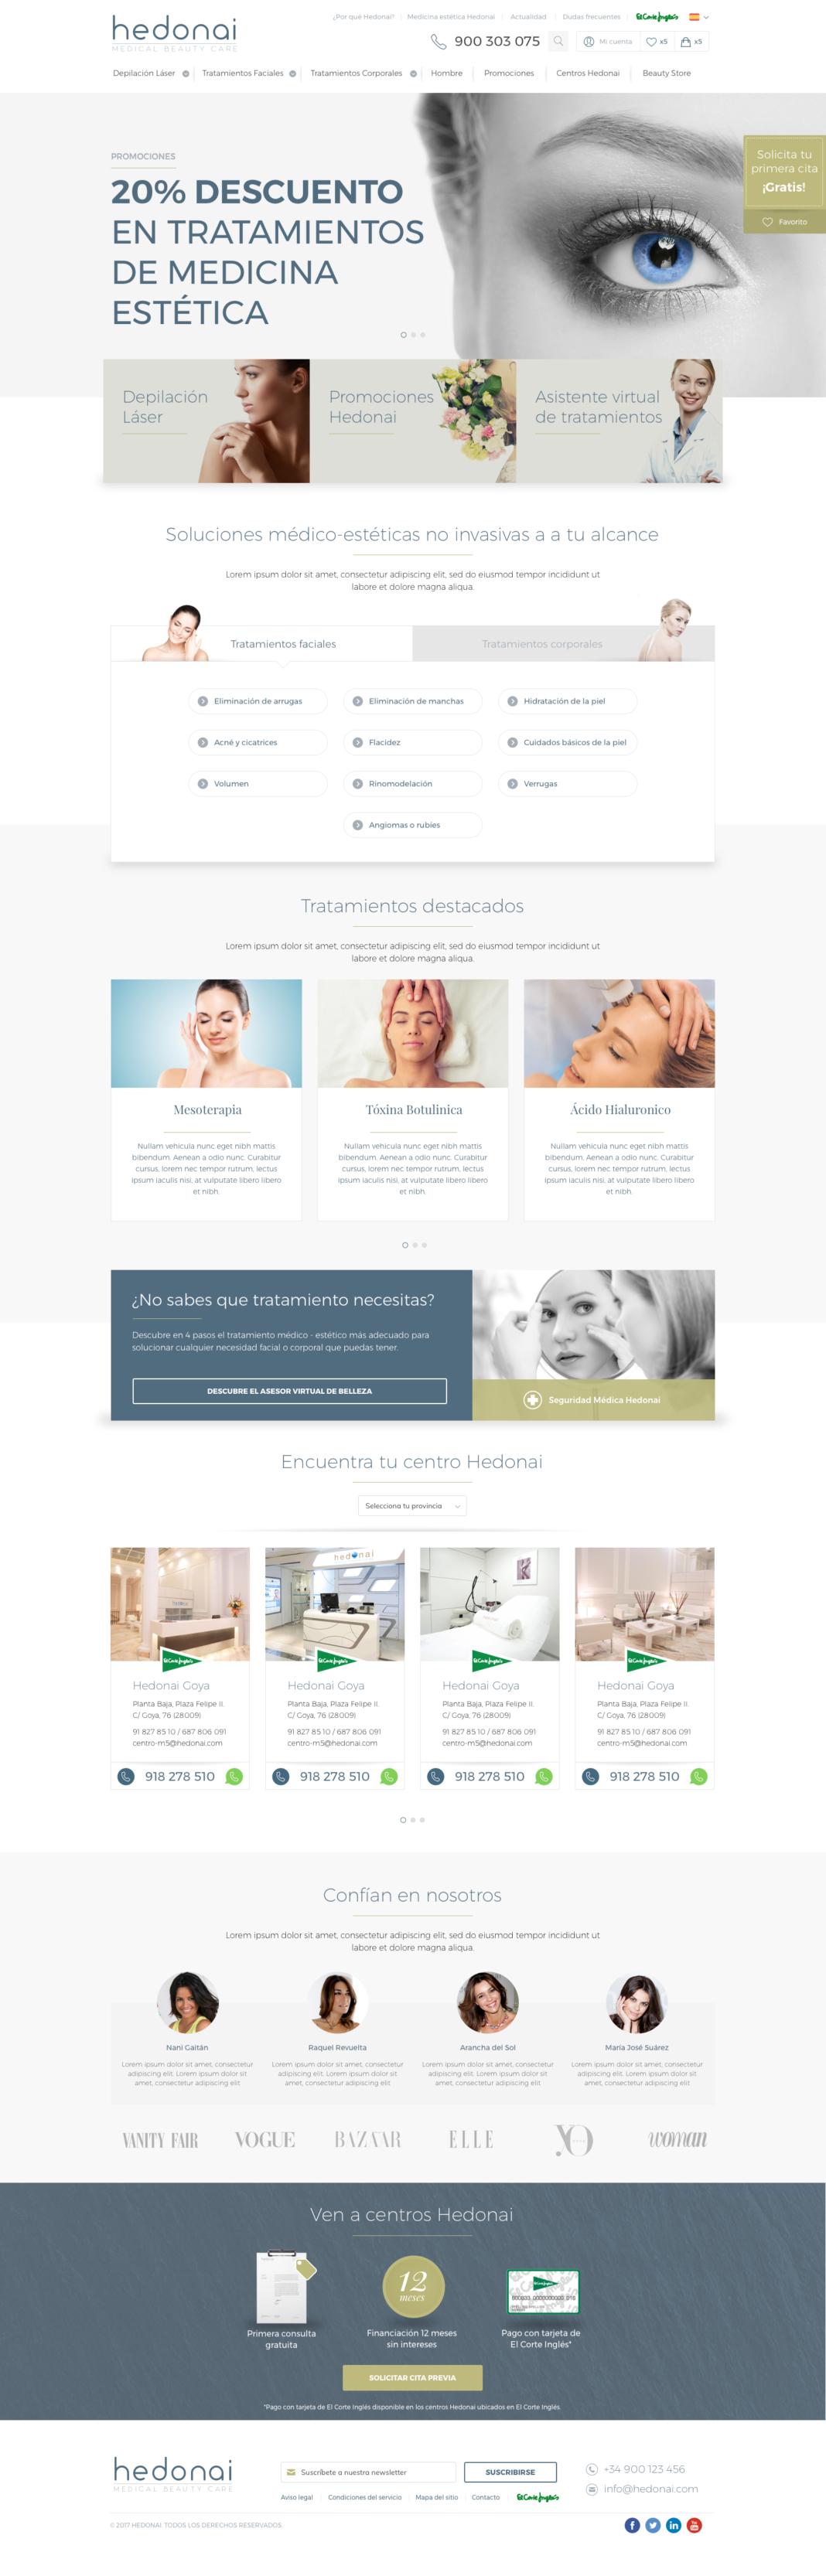 Diseño web, desarrollo web y SEO de Hedonai